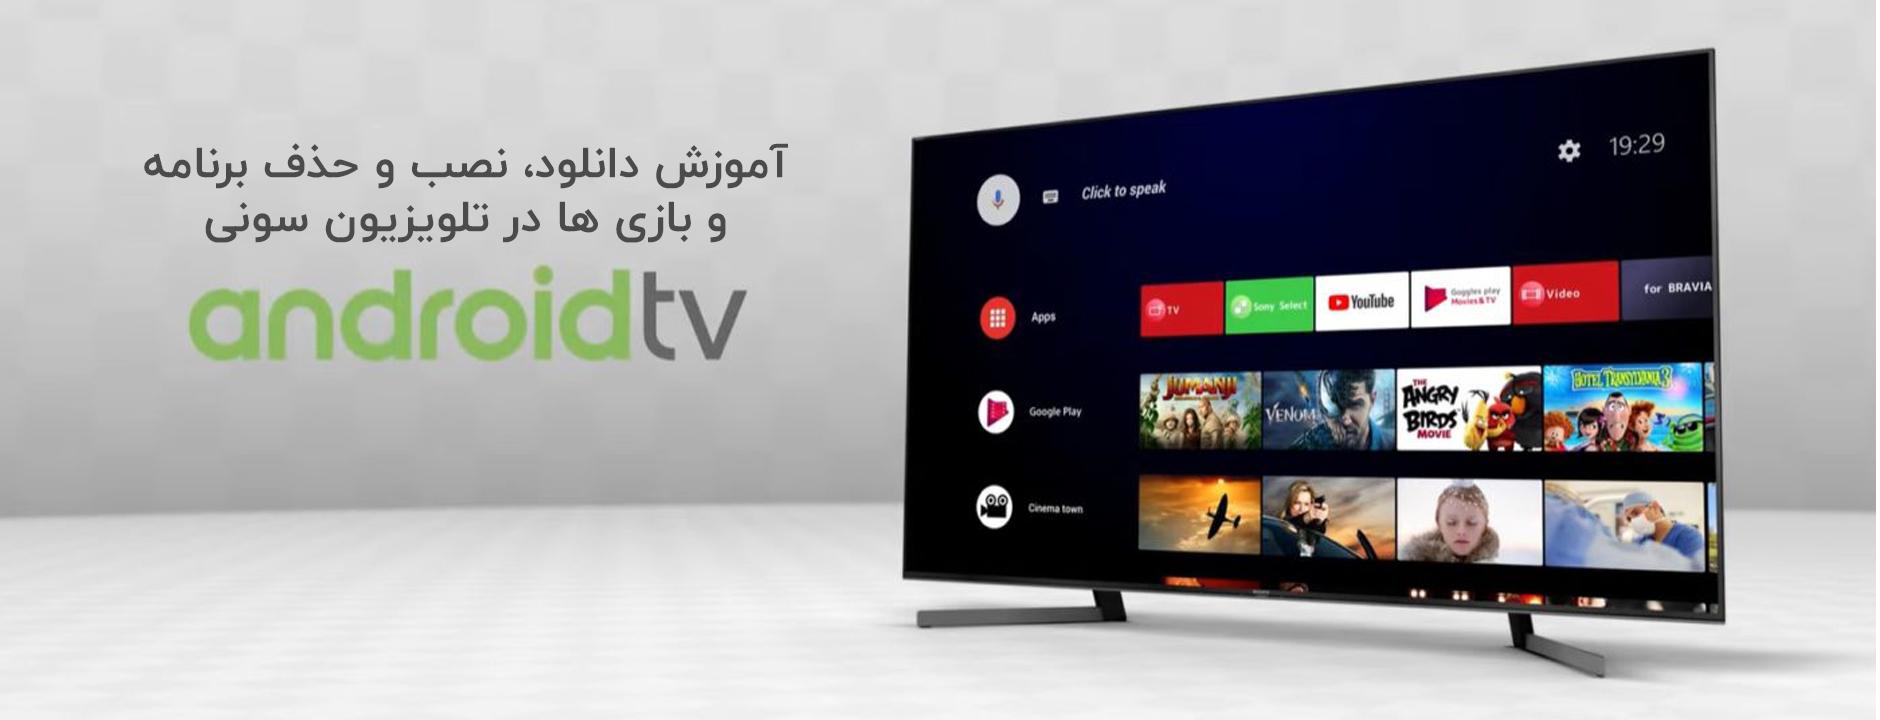 نصب برنامه بر روی تلویزیون سونی